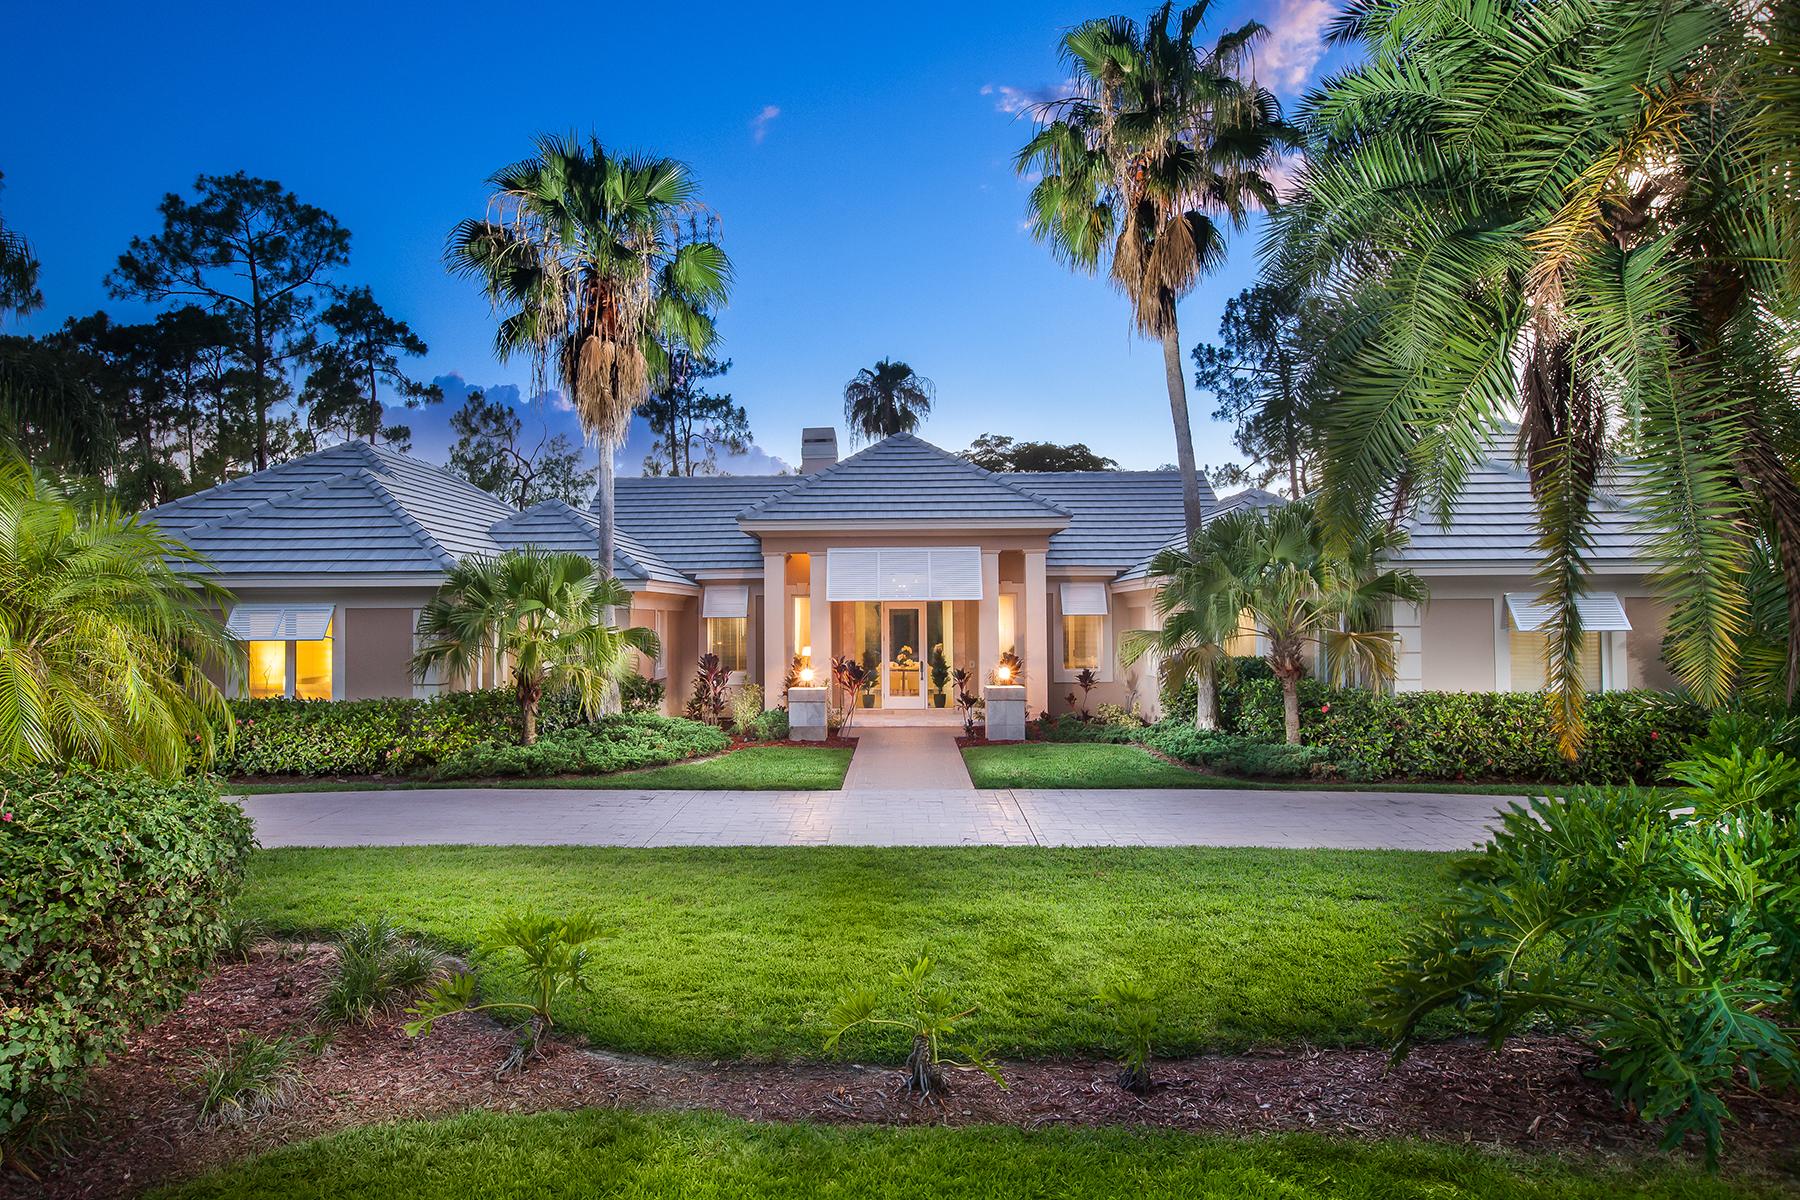 단독 가정 주택 용 매매 에 13501 Pond Apple Dr E, Naples, FL 34119 13501 Pond Apple Dr E Naples, 플로리다, 34119 미국